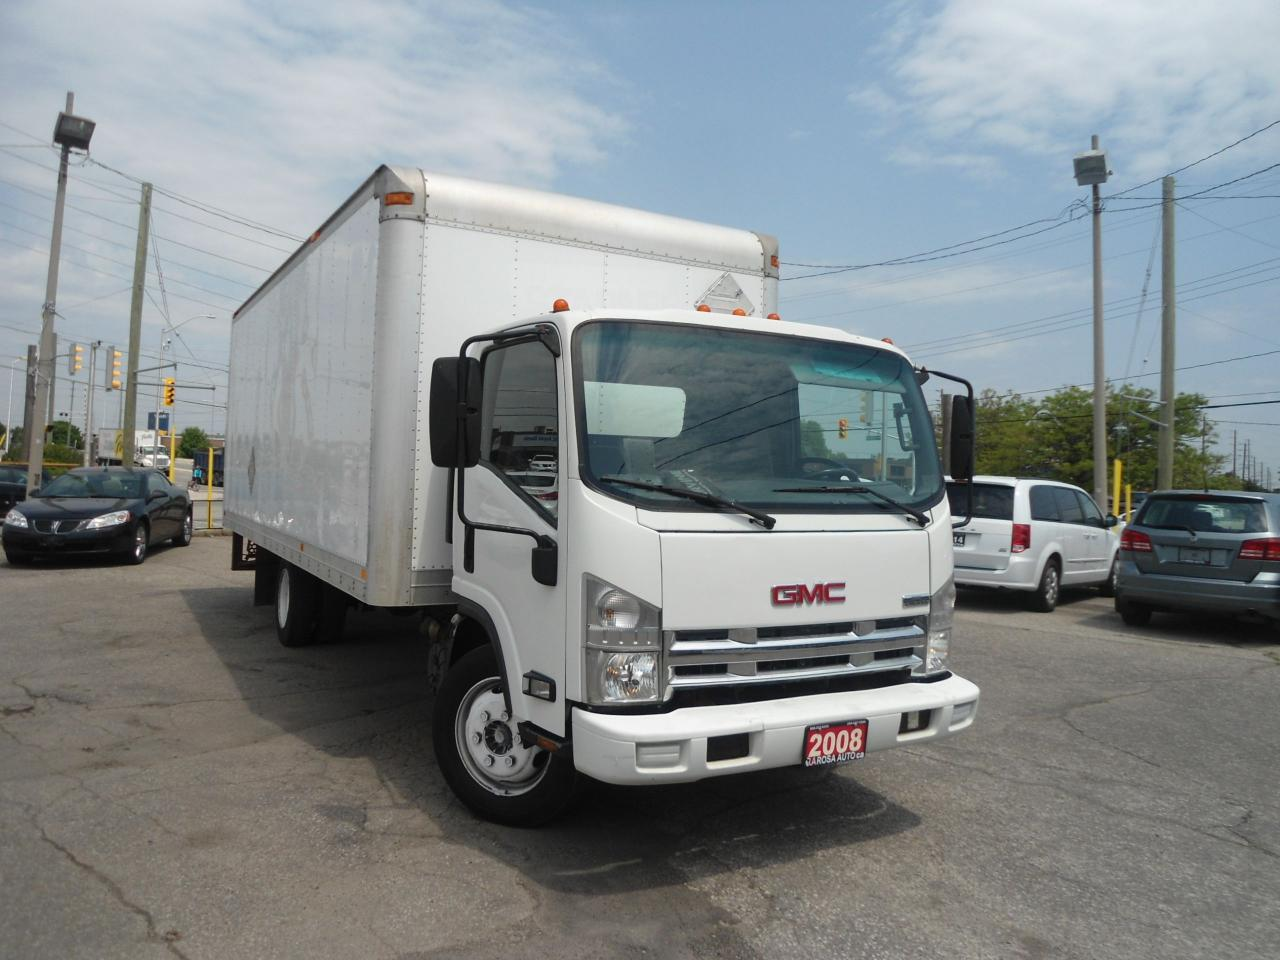 2008 GMC 5500